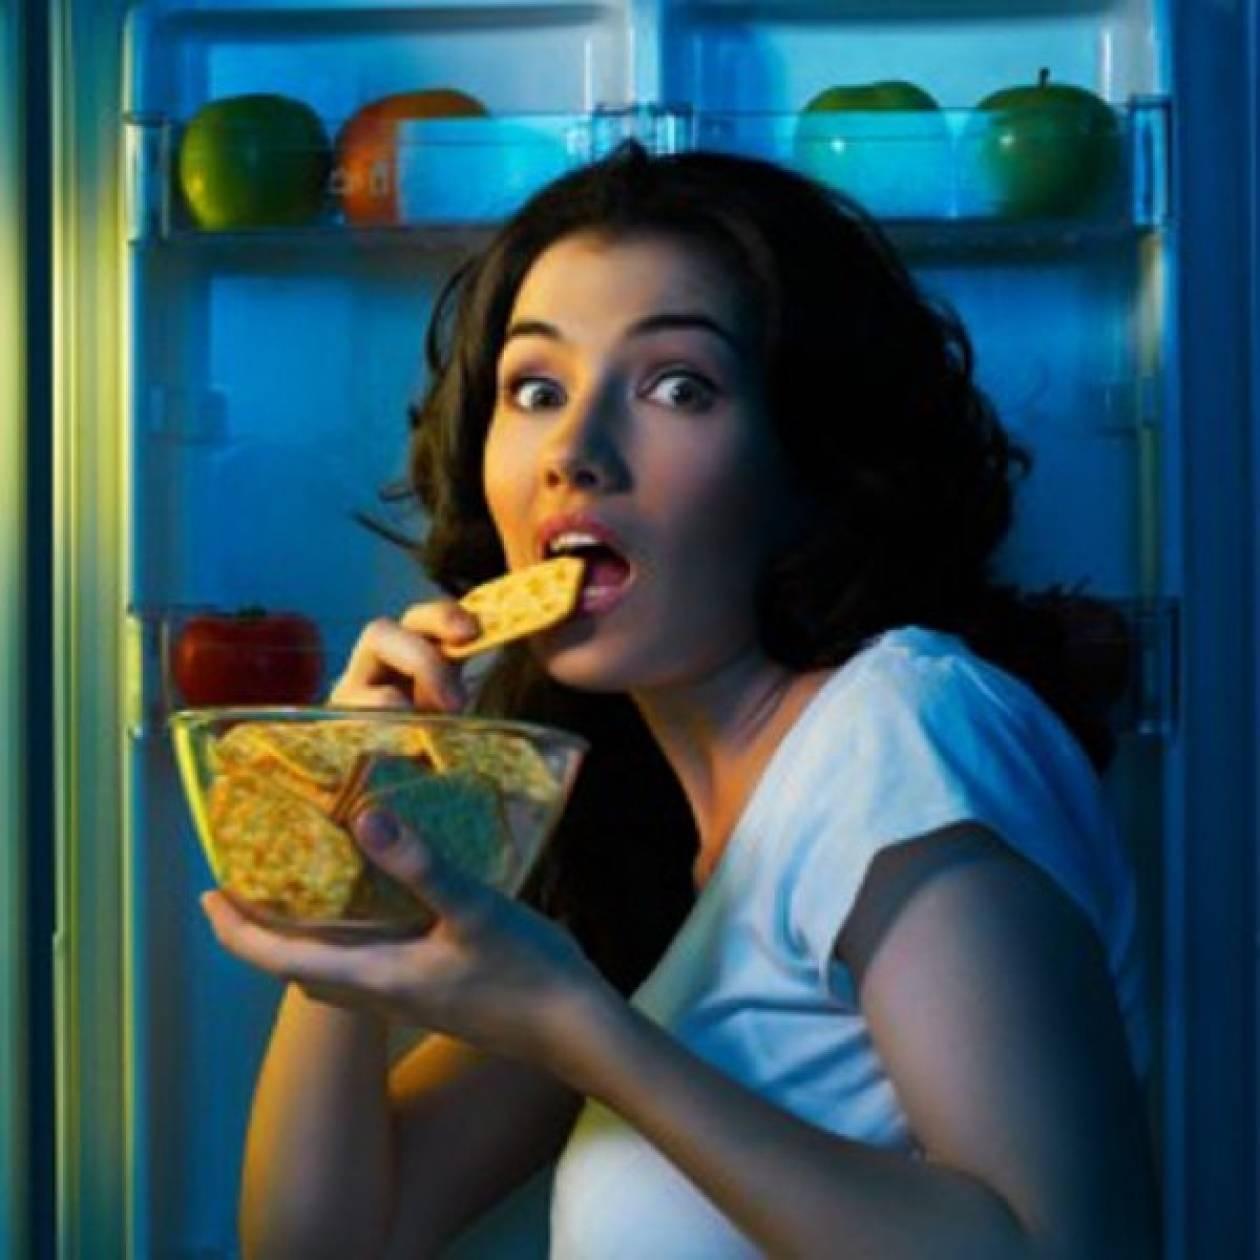 10 Φαγητά που δεν πρέπει να φας πριν πας για ύπνο!